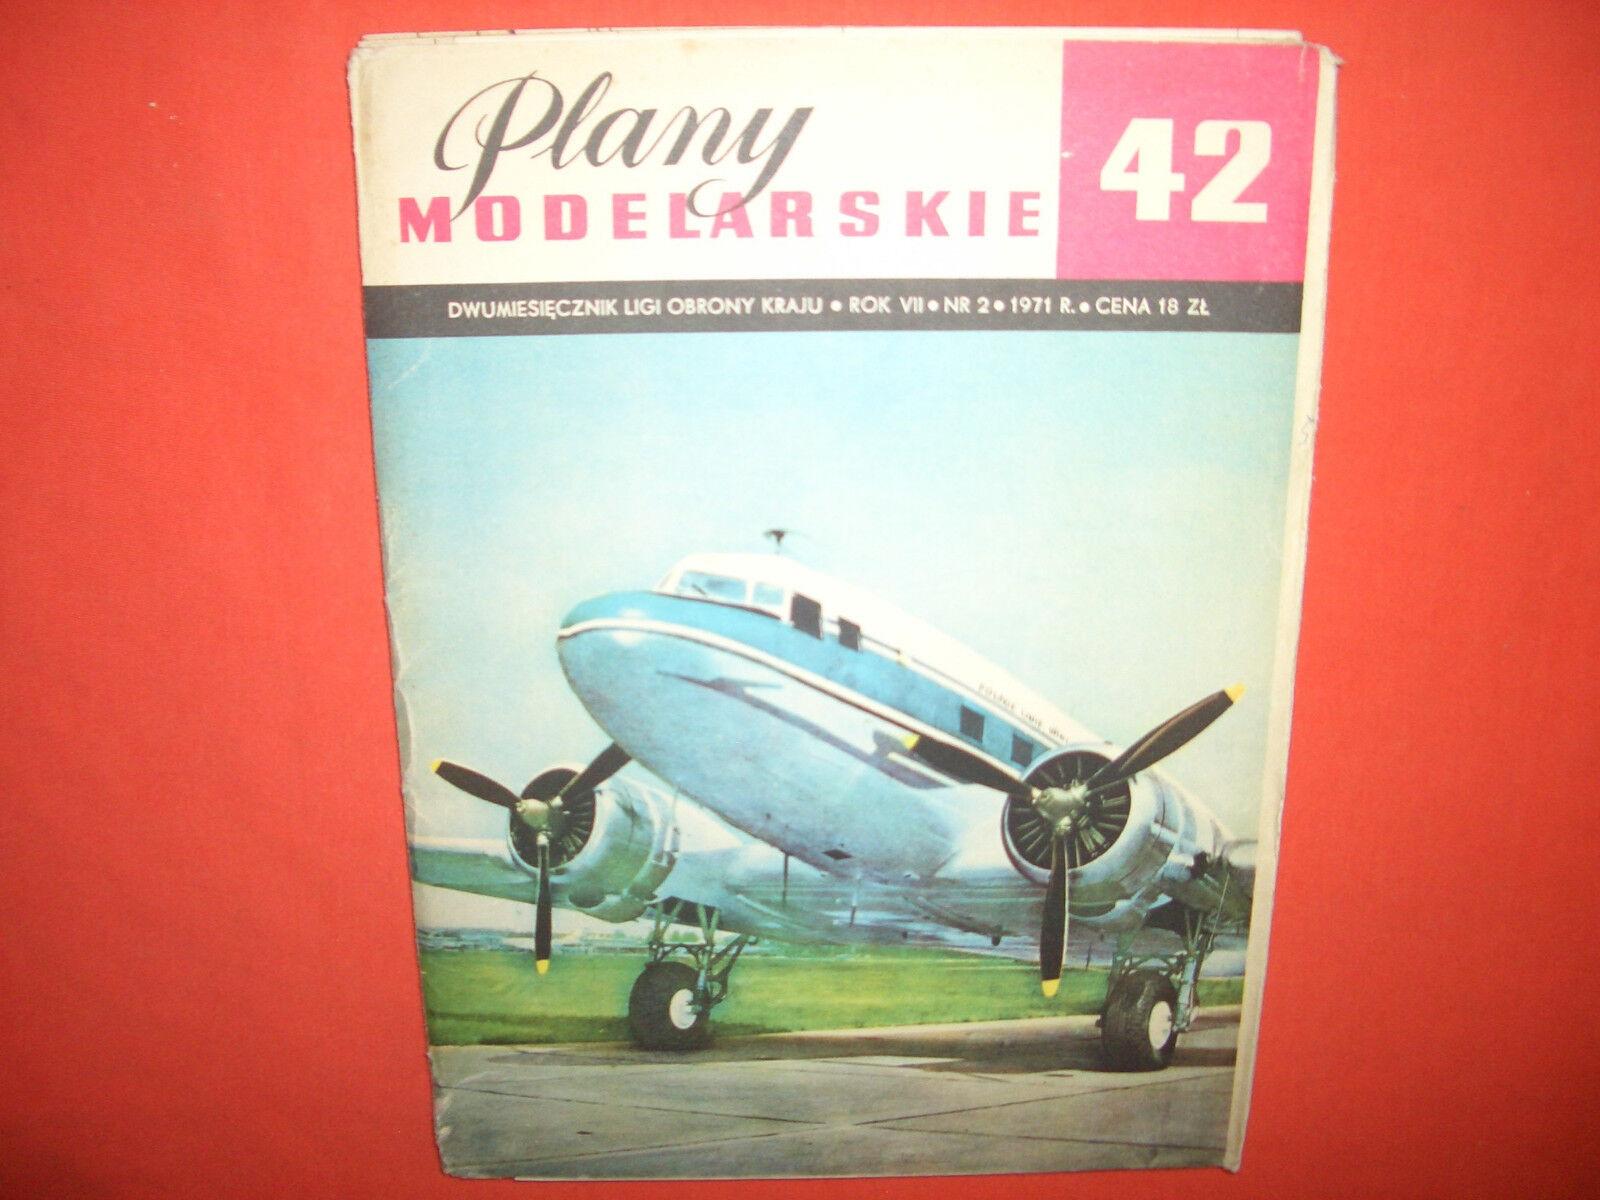 Risszeichnungen & Baupläne Plany Modellarskie 42, Douglas Lisunov Li-2 (DC-3)